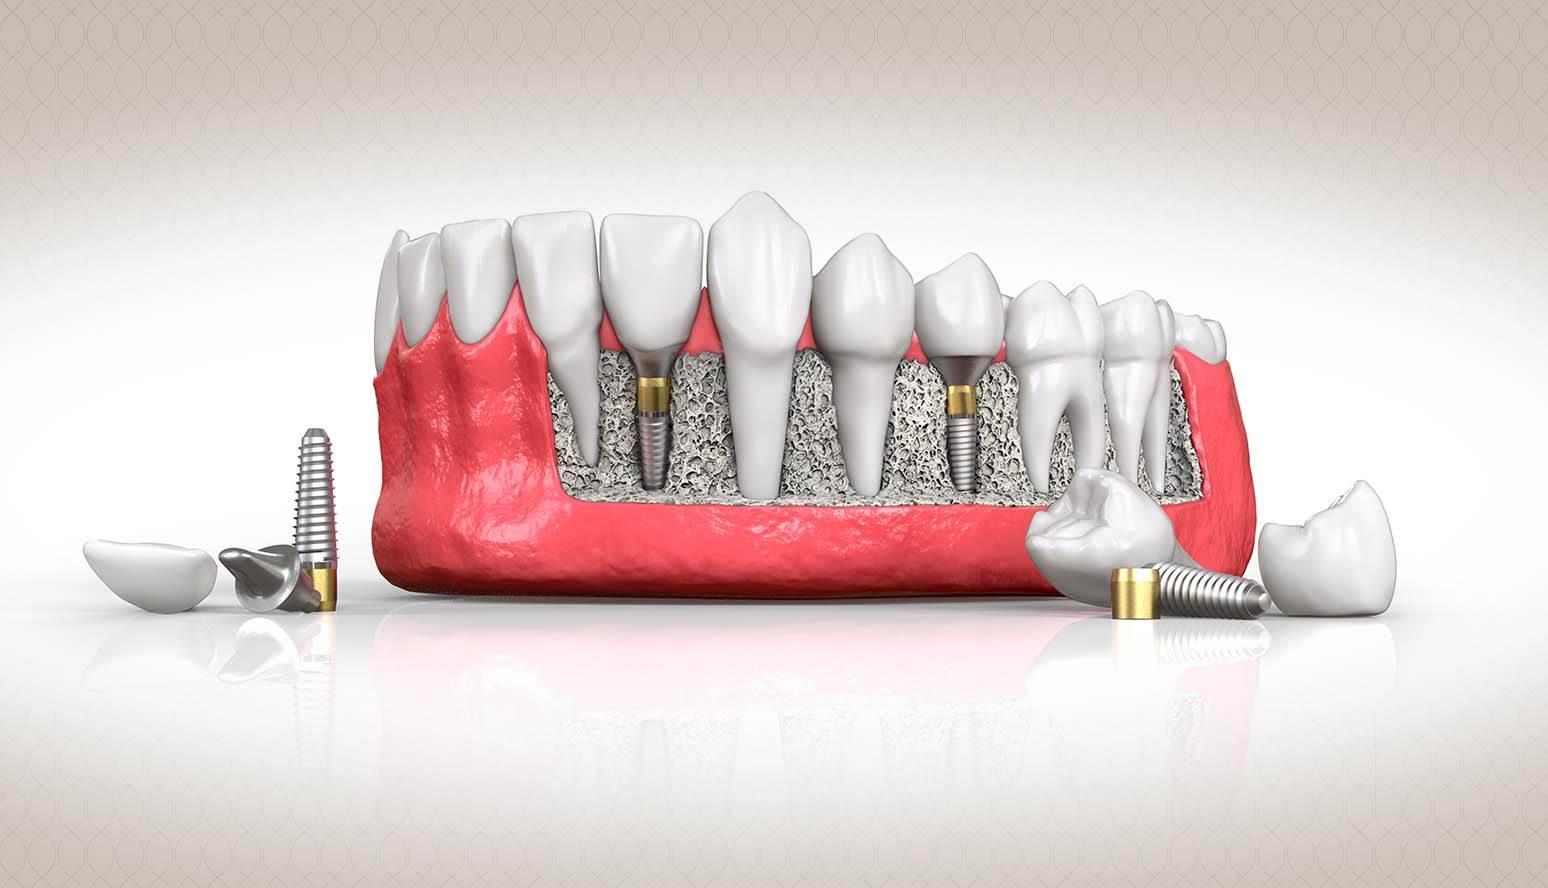 أسعار زراعة الأسنان الفورية في مصر 2021أسعار زراعة الأسنان الفورية في مصر 2021